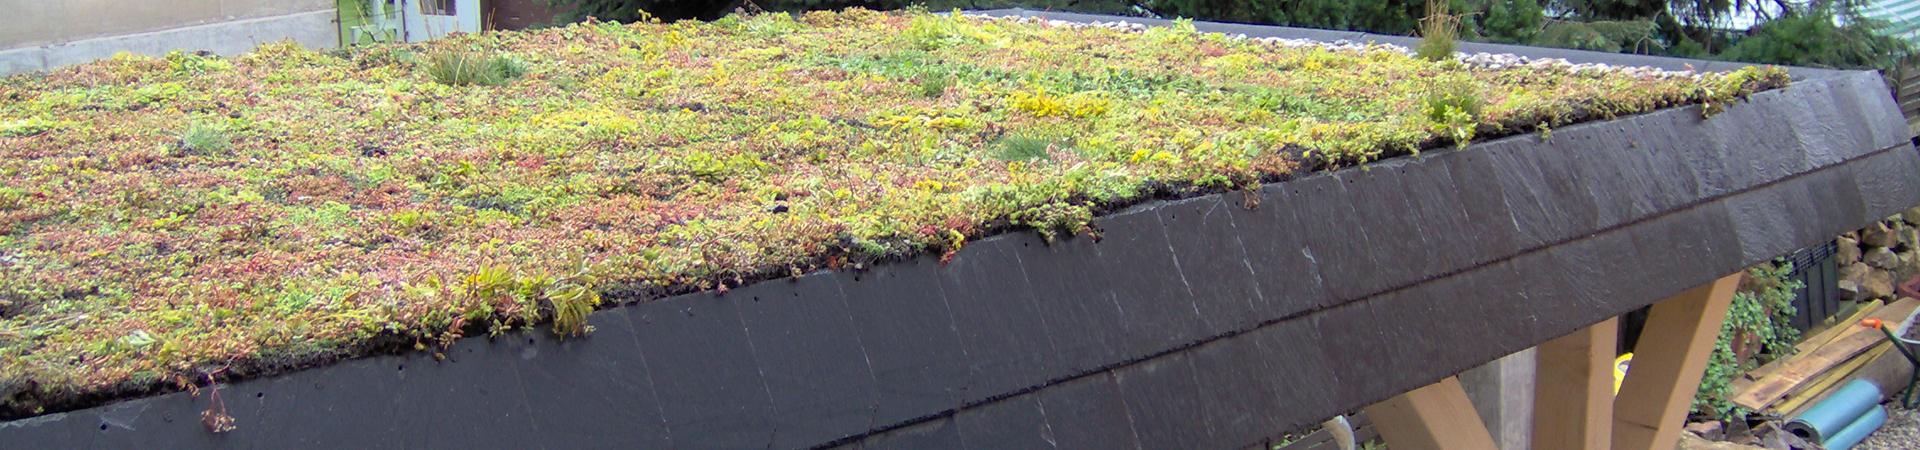 Geliebte Carport mit Gründach - eine Zierde im Straßenbild im Ratgeber auf @RH_96